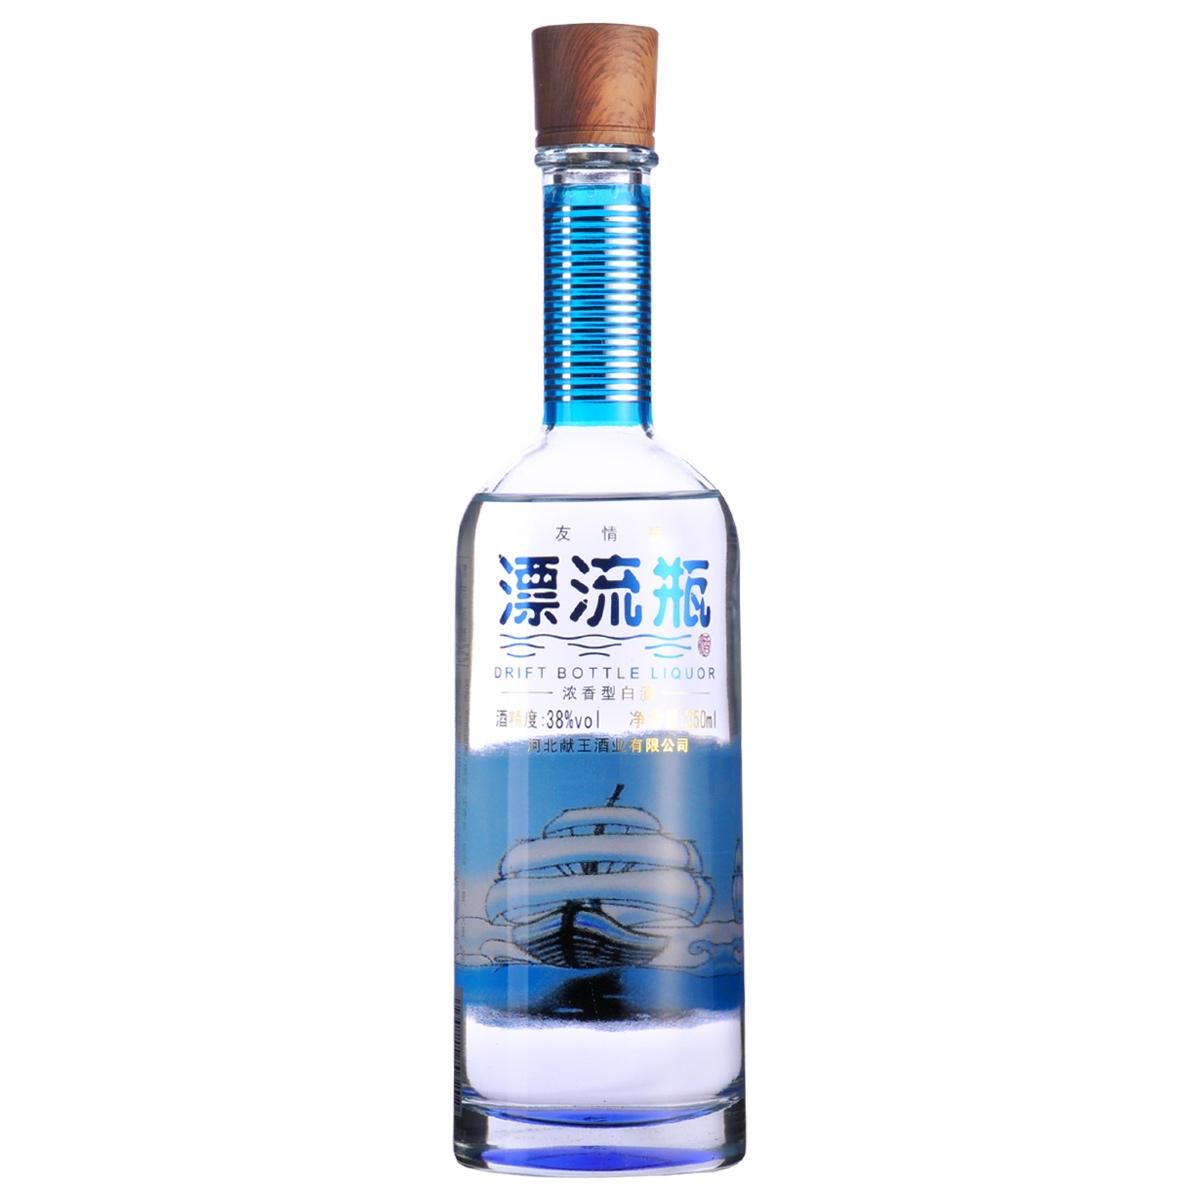 【老酒特卖】38°漂流瓶酒350ml(友情瓶)(2014年)